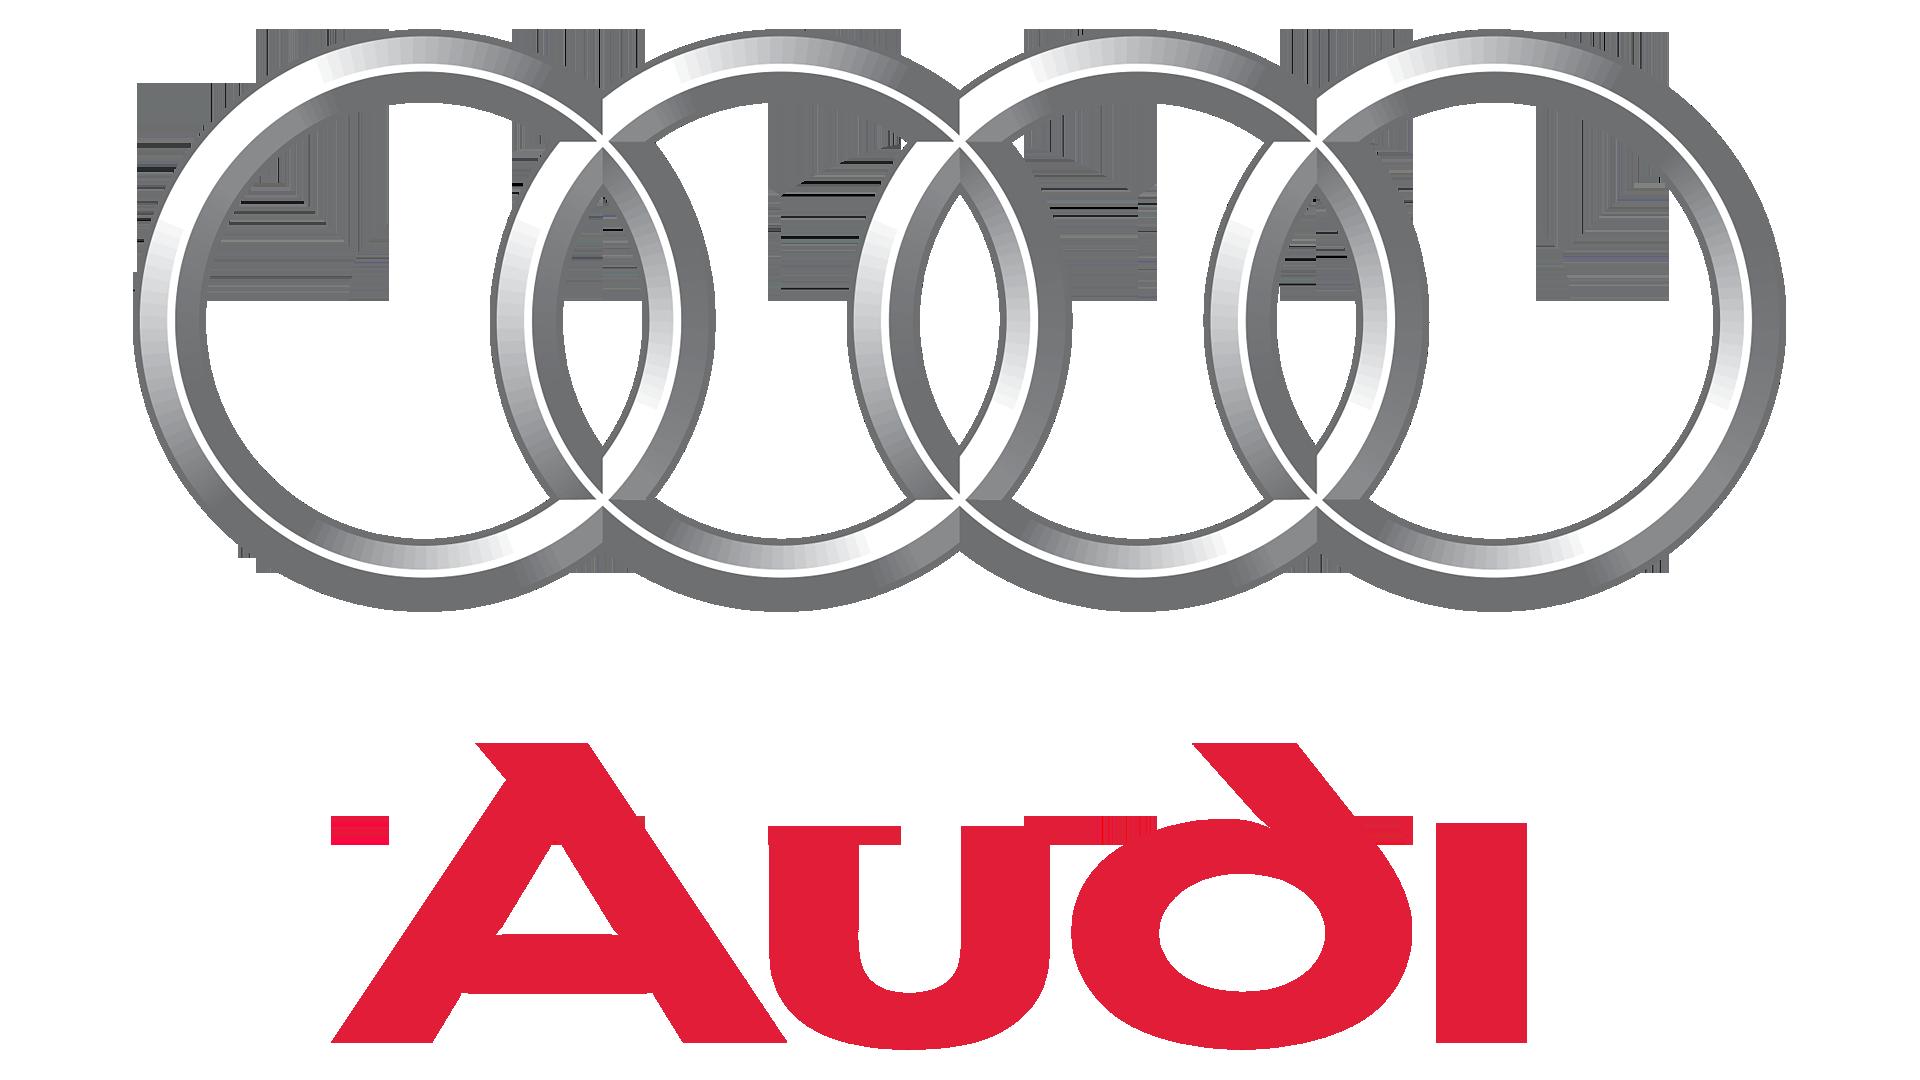 audi-logo-png-1920x1080-hd-1080p-1920